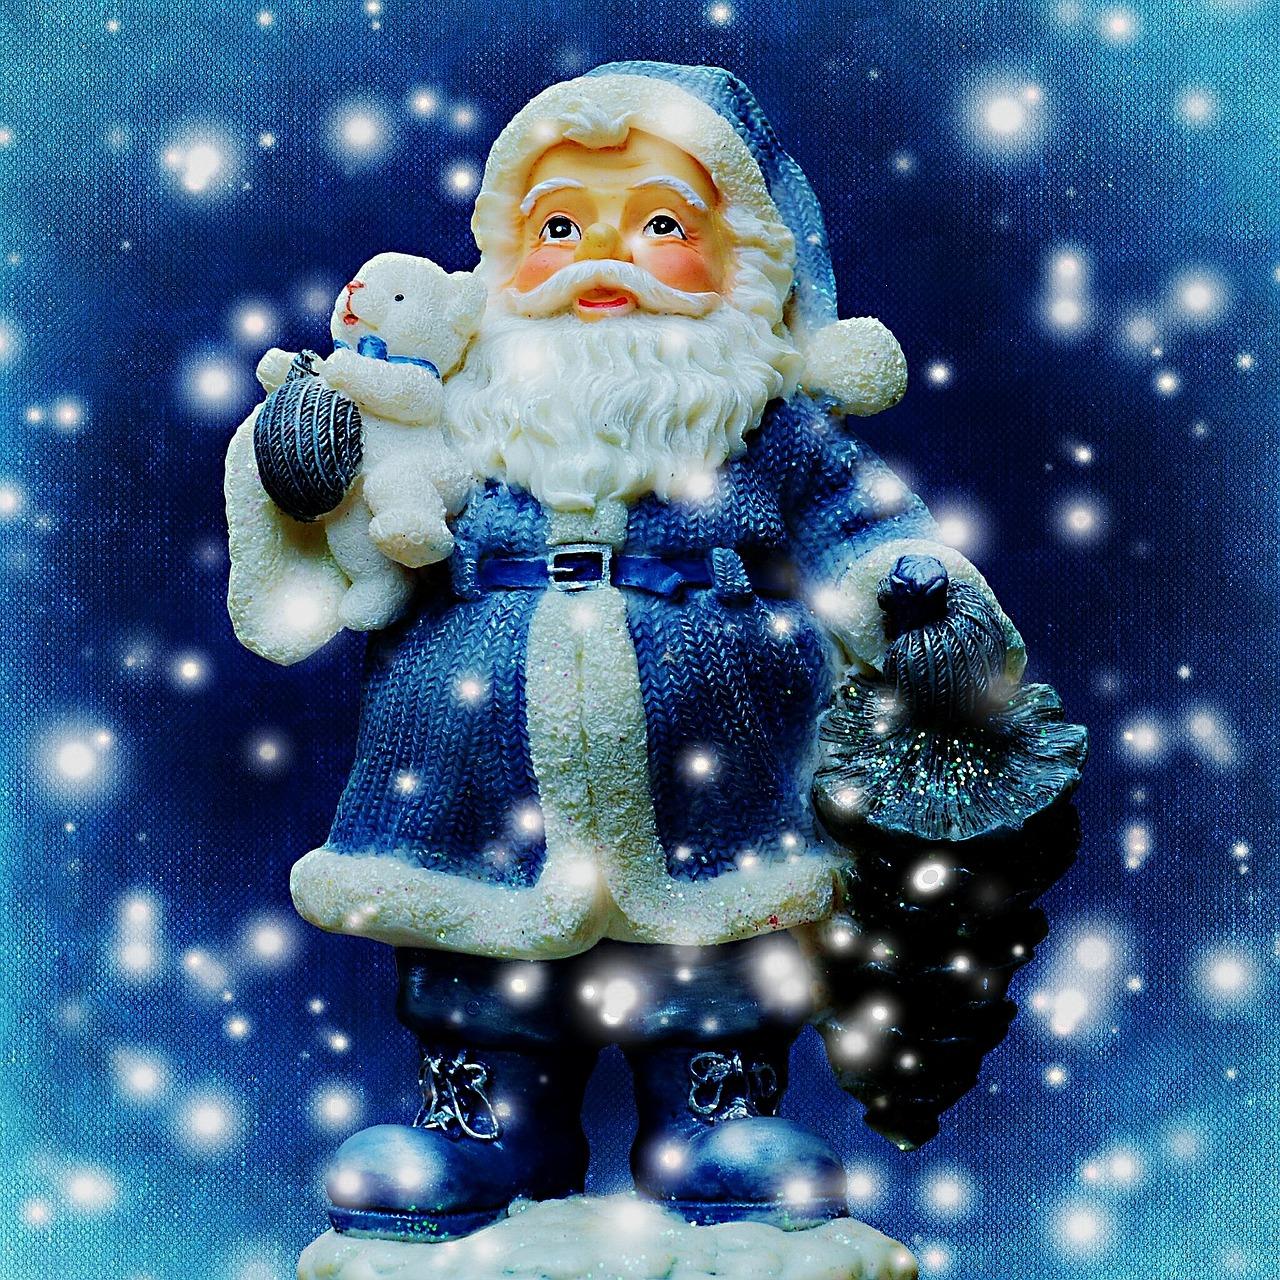 Ich Wünsche Euch Frohe Weihnachten Und Ein Gutes Neues Jahr.Frohe Weihnachten Und Einen Guten Rutsch Ins Neue Jahr Hassler